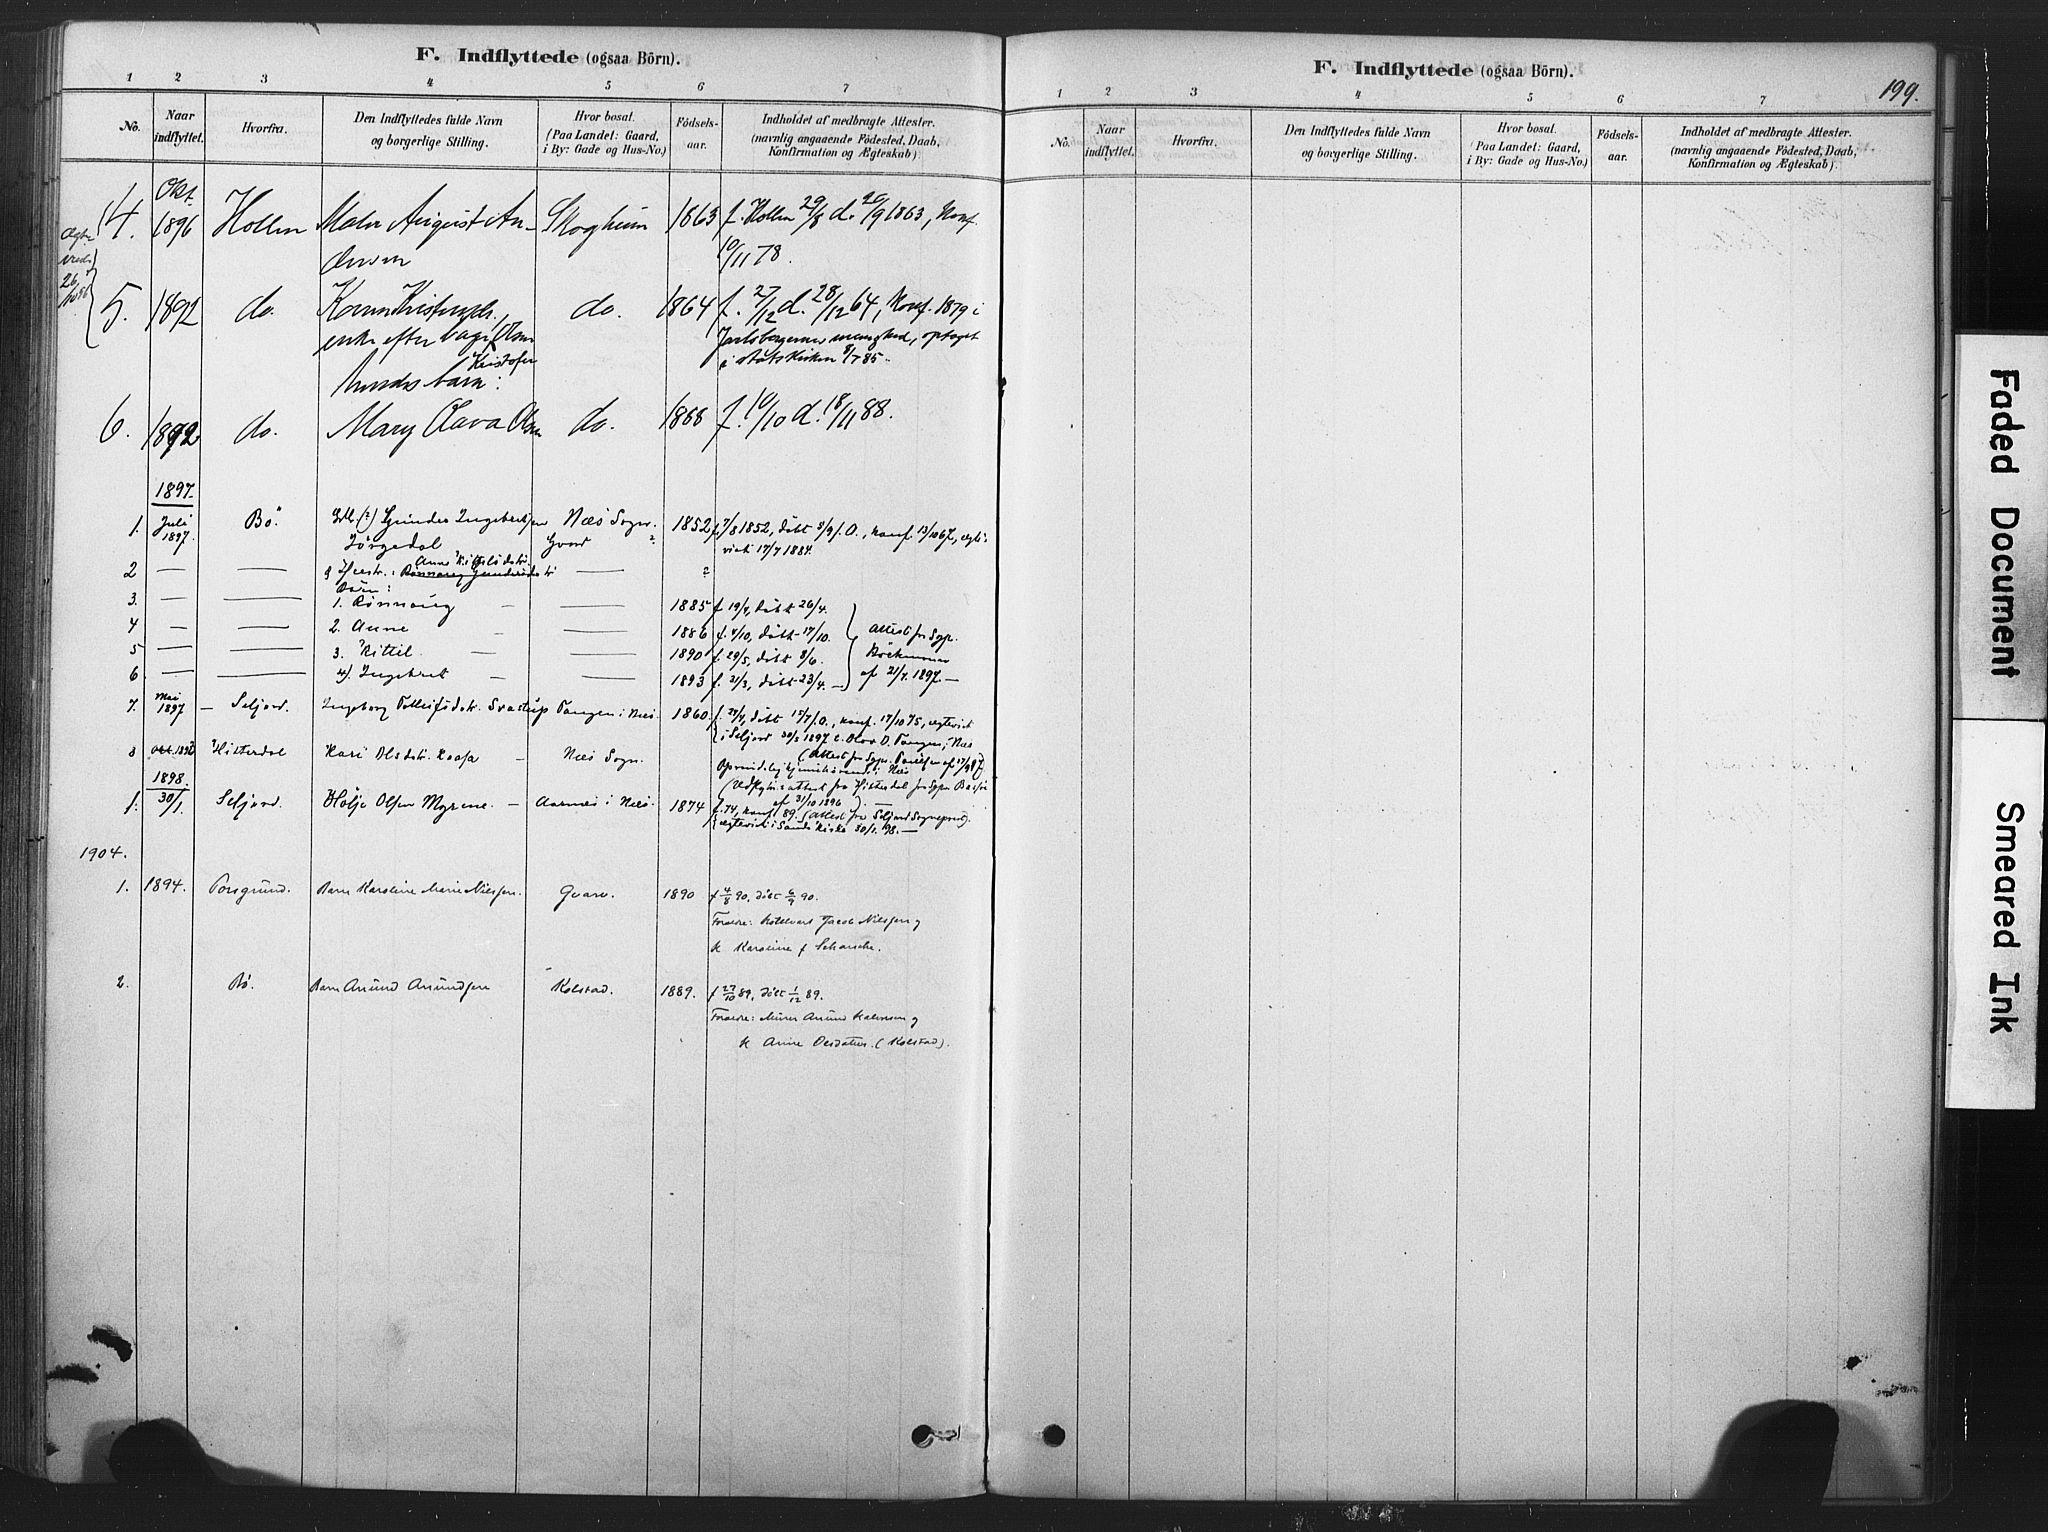 SAKO, Sauherad kirkebøker, F/Fb/L0002: Ministerialbok nr. II 2, 1878-1901, s. 199